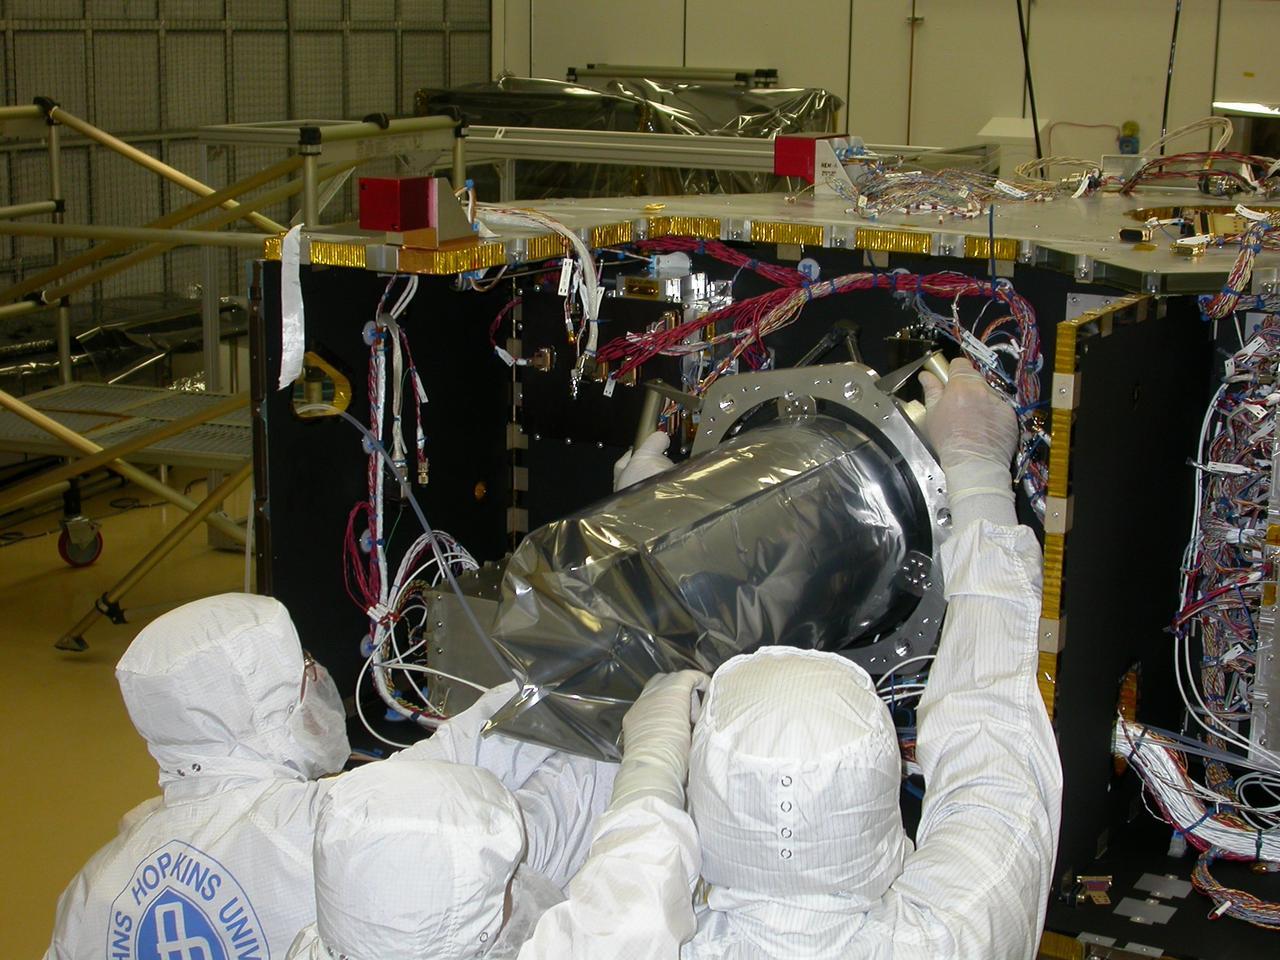 Long Range Reconnaissance Imager (LORRI) (Image: NASA)